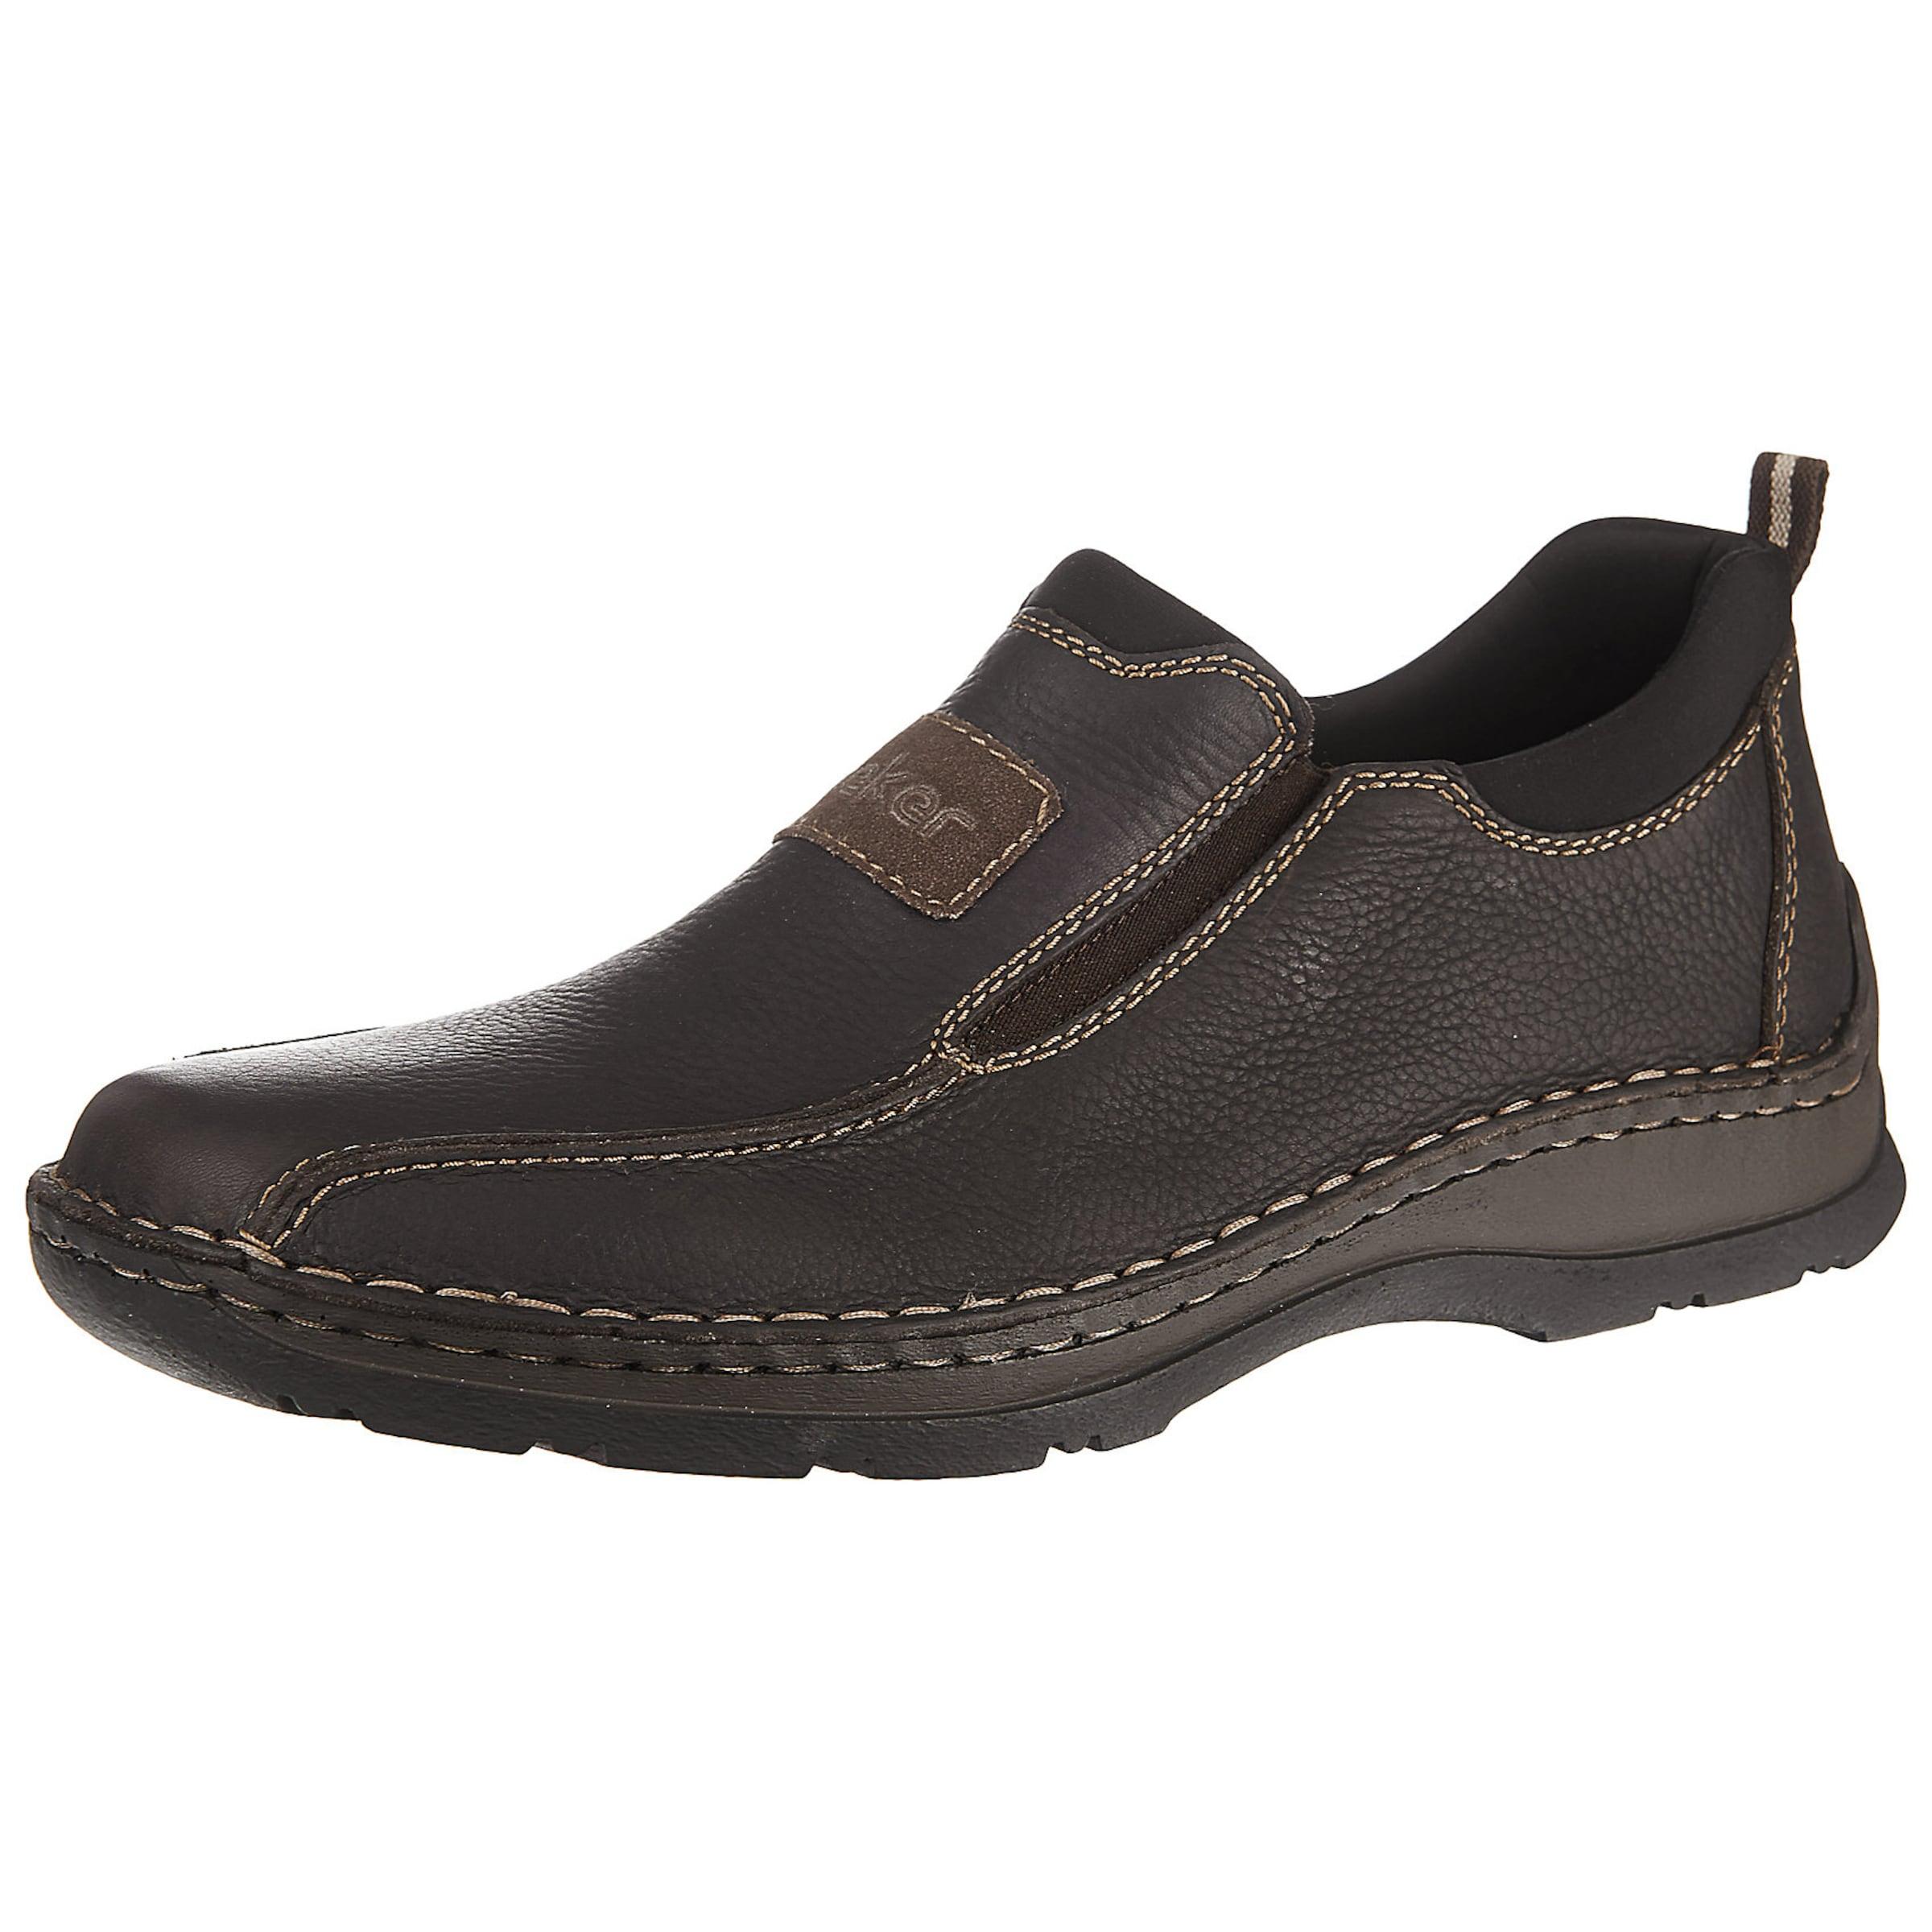 RIEKER Slipper weit Günstige und langlebige Schuhe